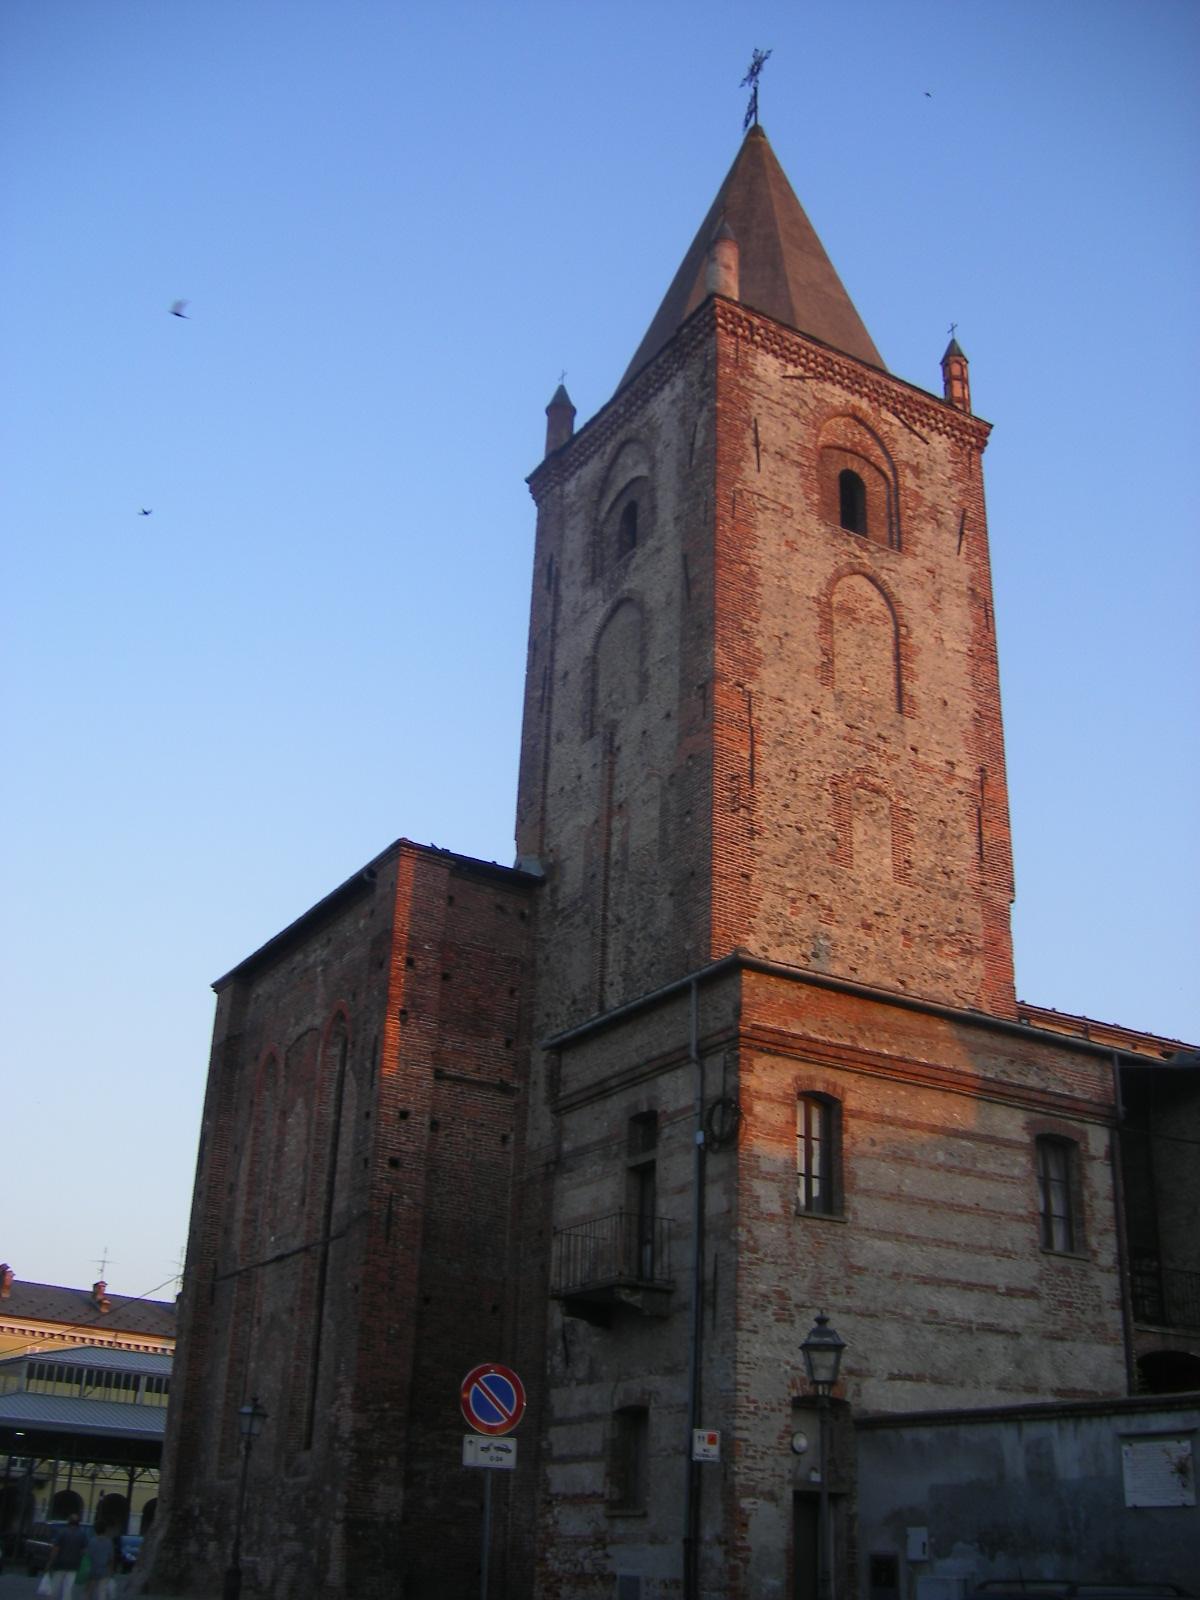 Cuneo – Reiseführer auf Wikivoyage